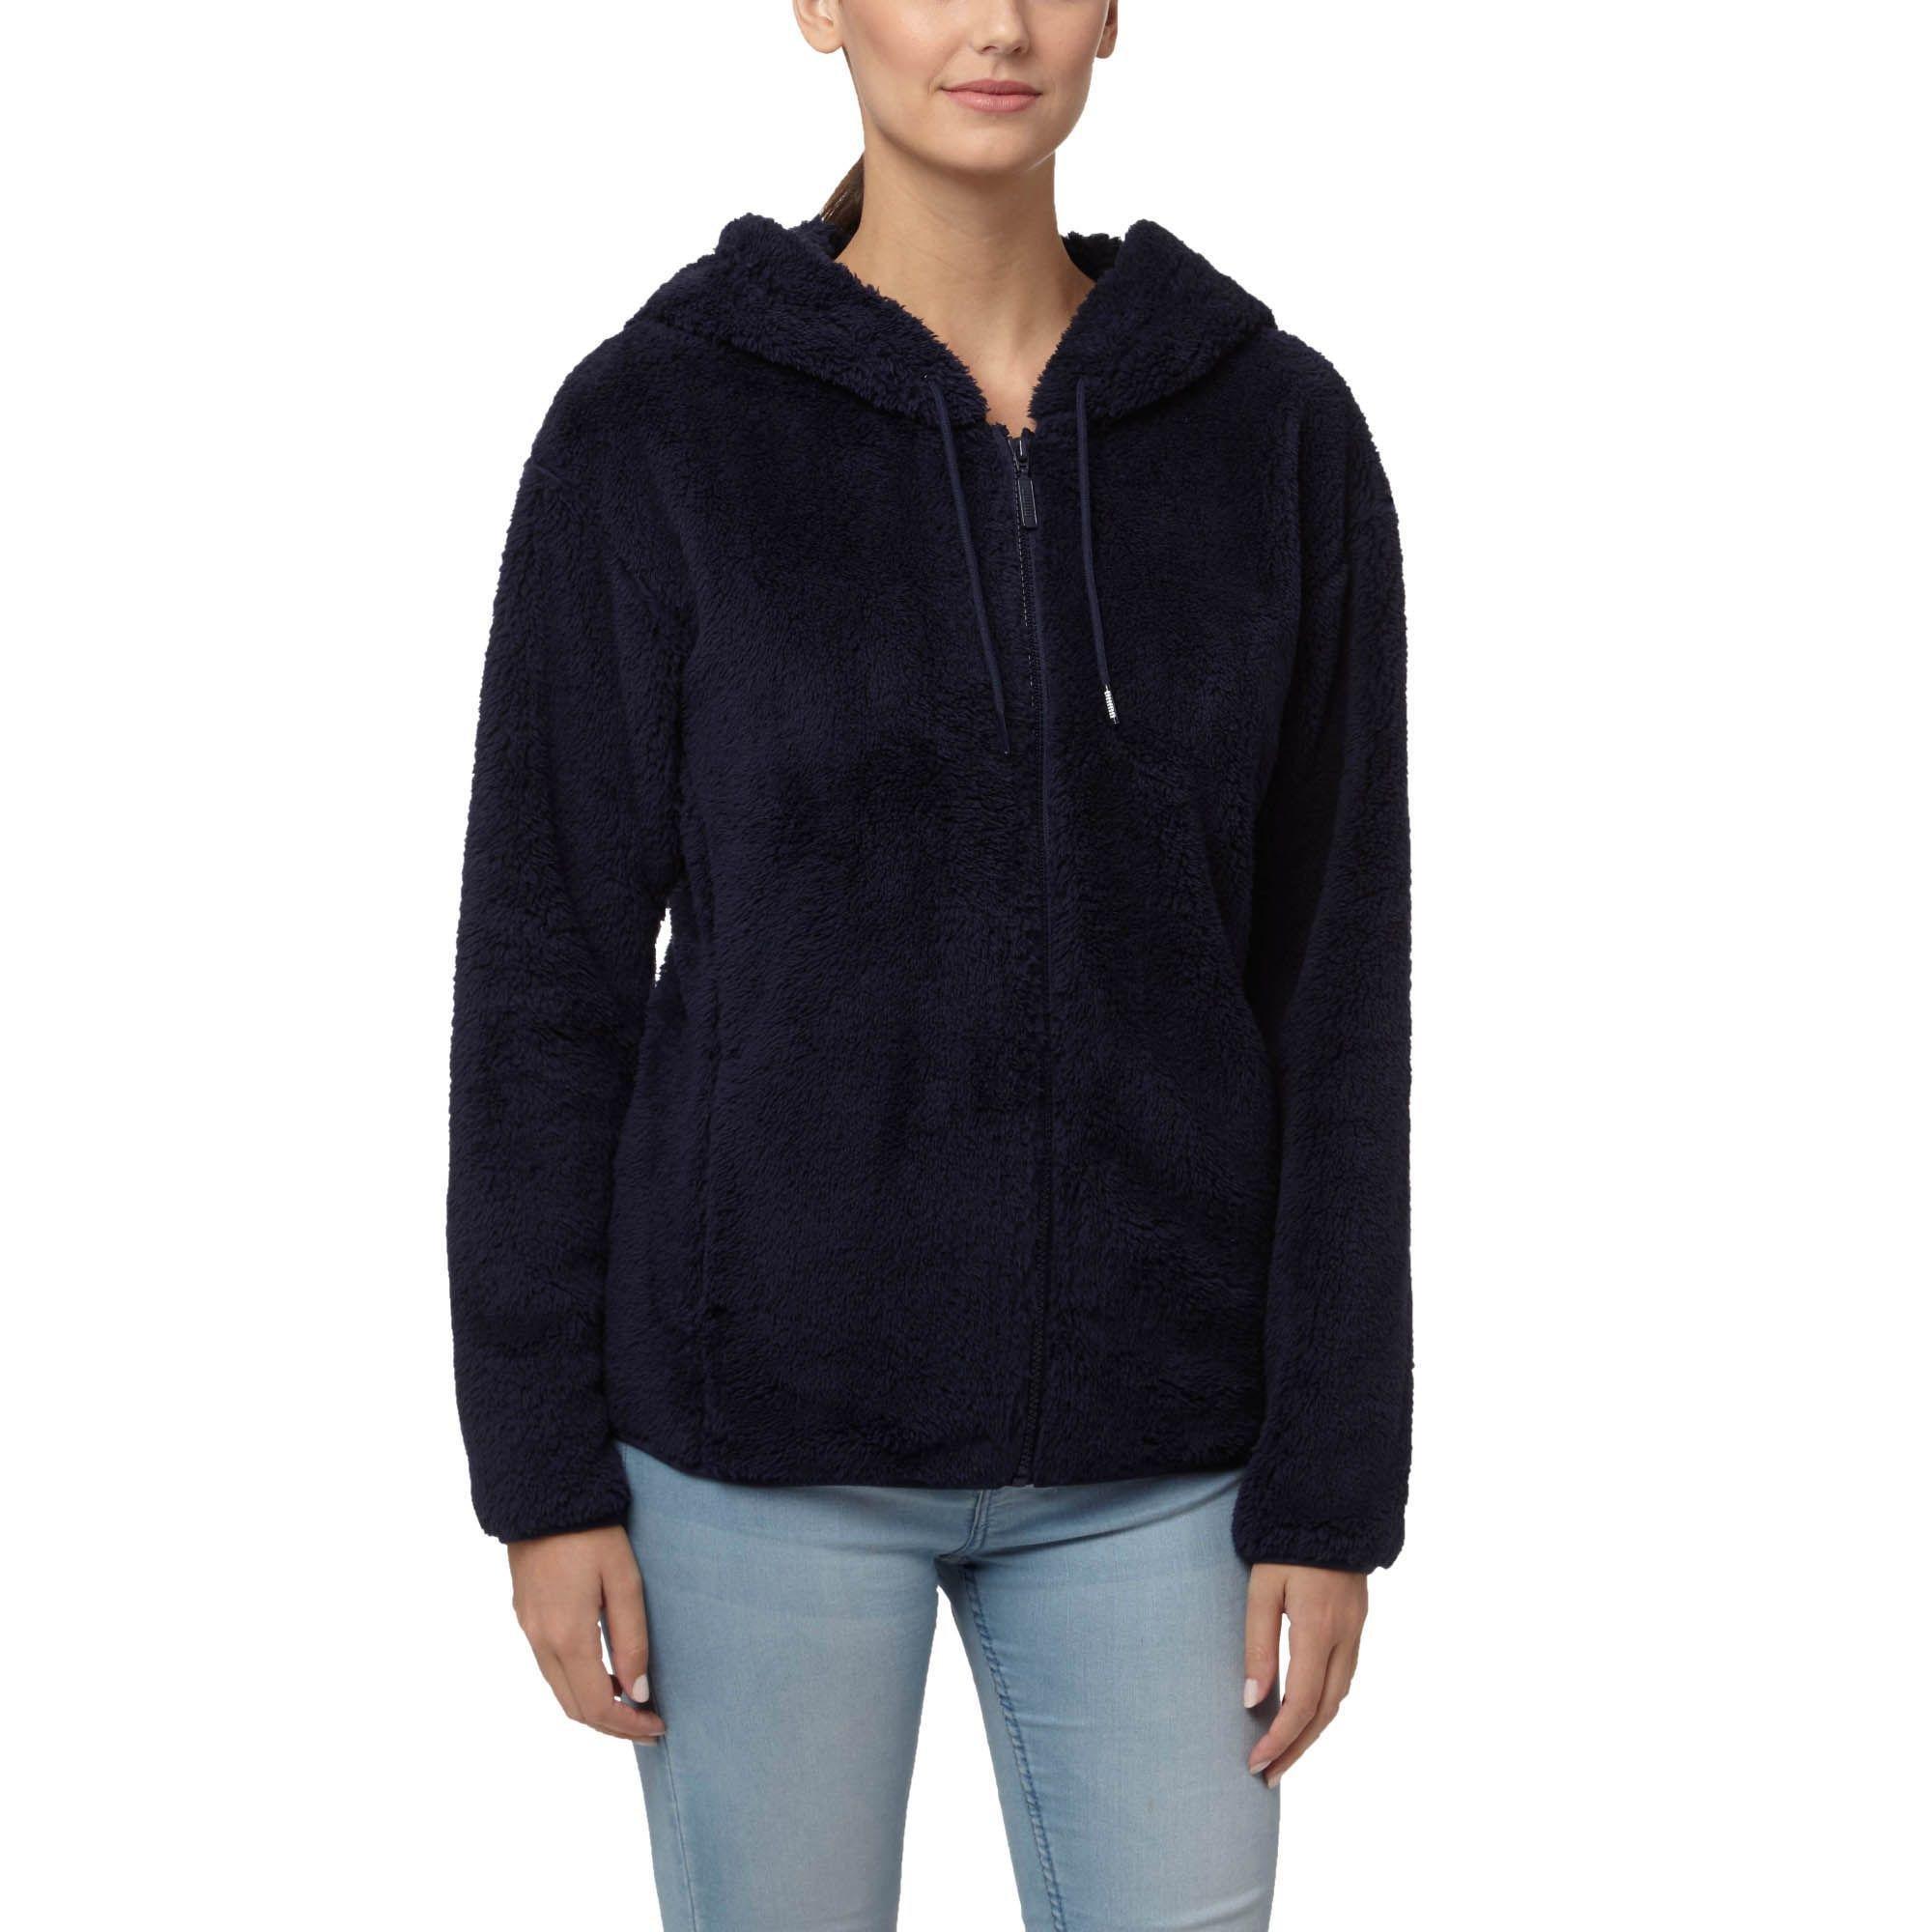 Lyst Puma Teddy Hooded Jacket In Blue Jaket Fleece Db Red Gallery